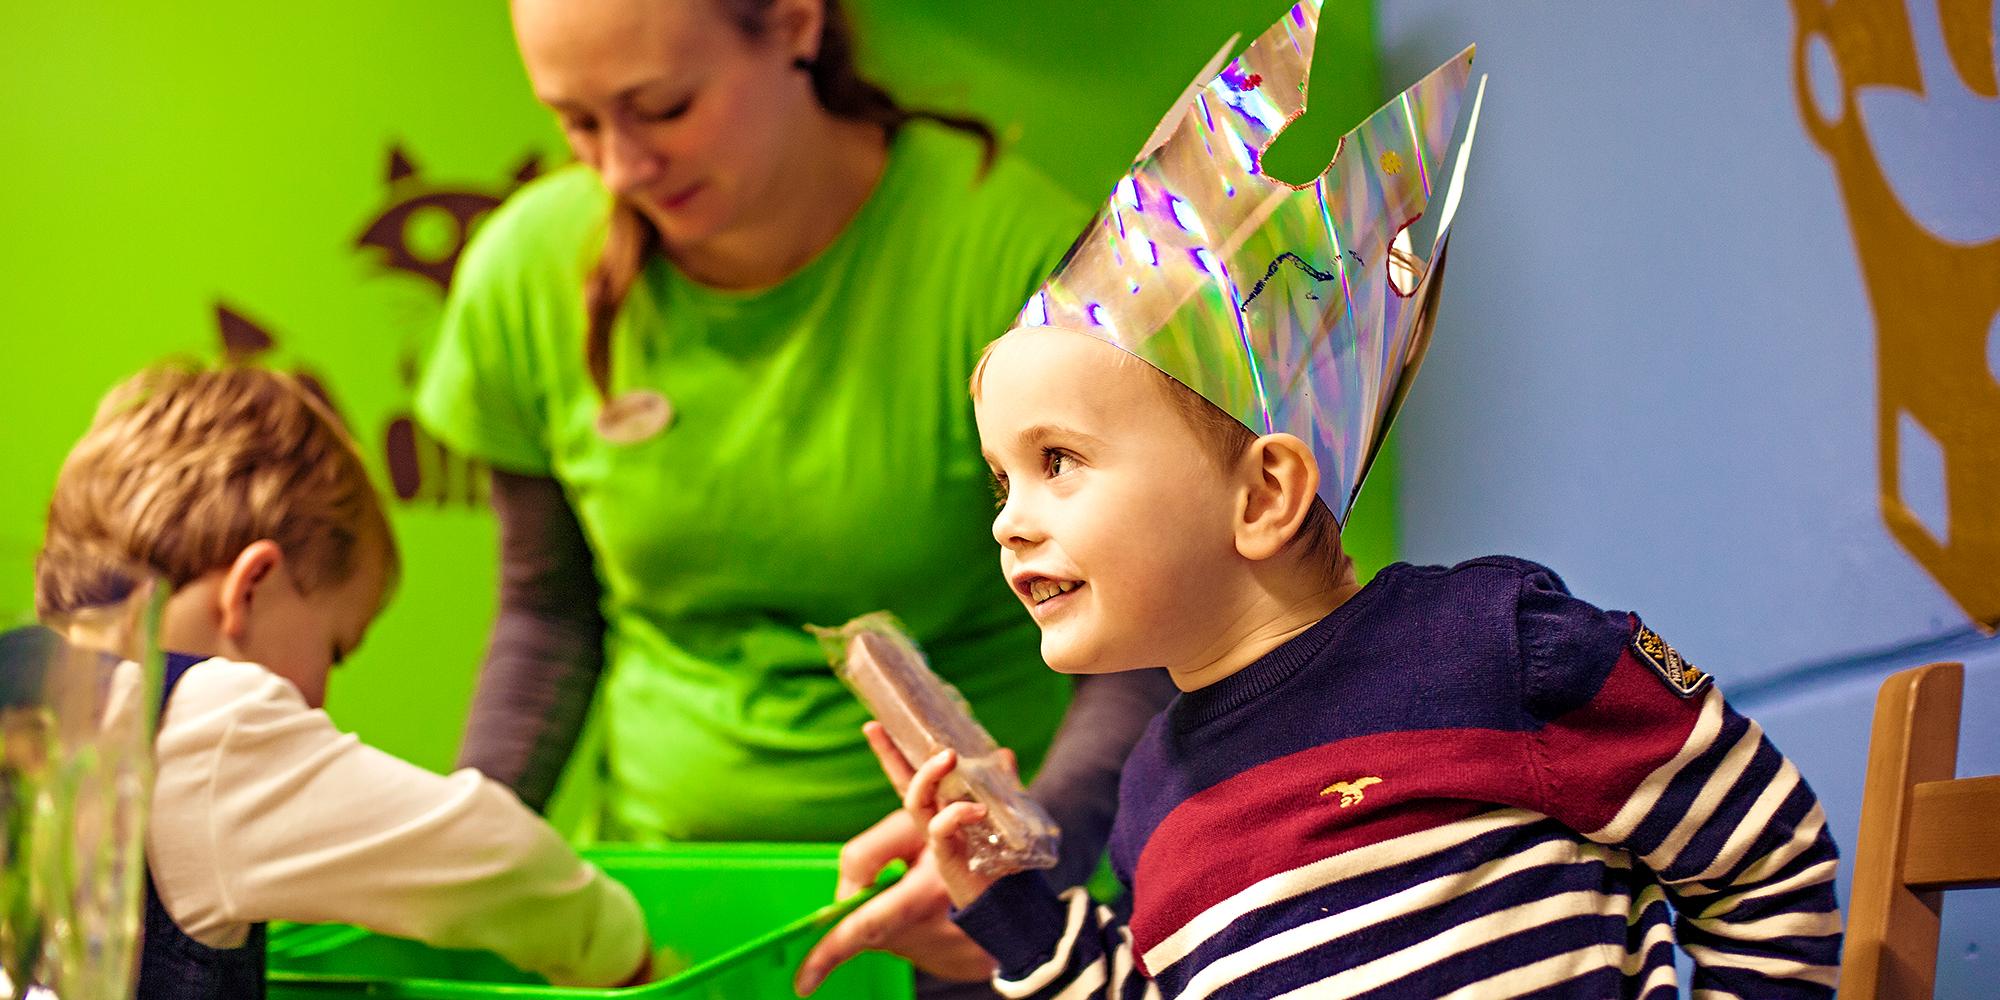 Lykkeland, a play centre in Steinkjer - boy celebrating his birthday. Copyright: Lykkeland